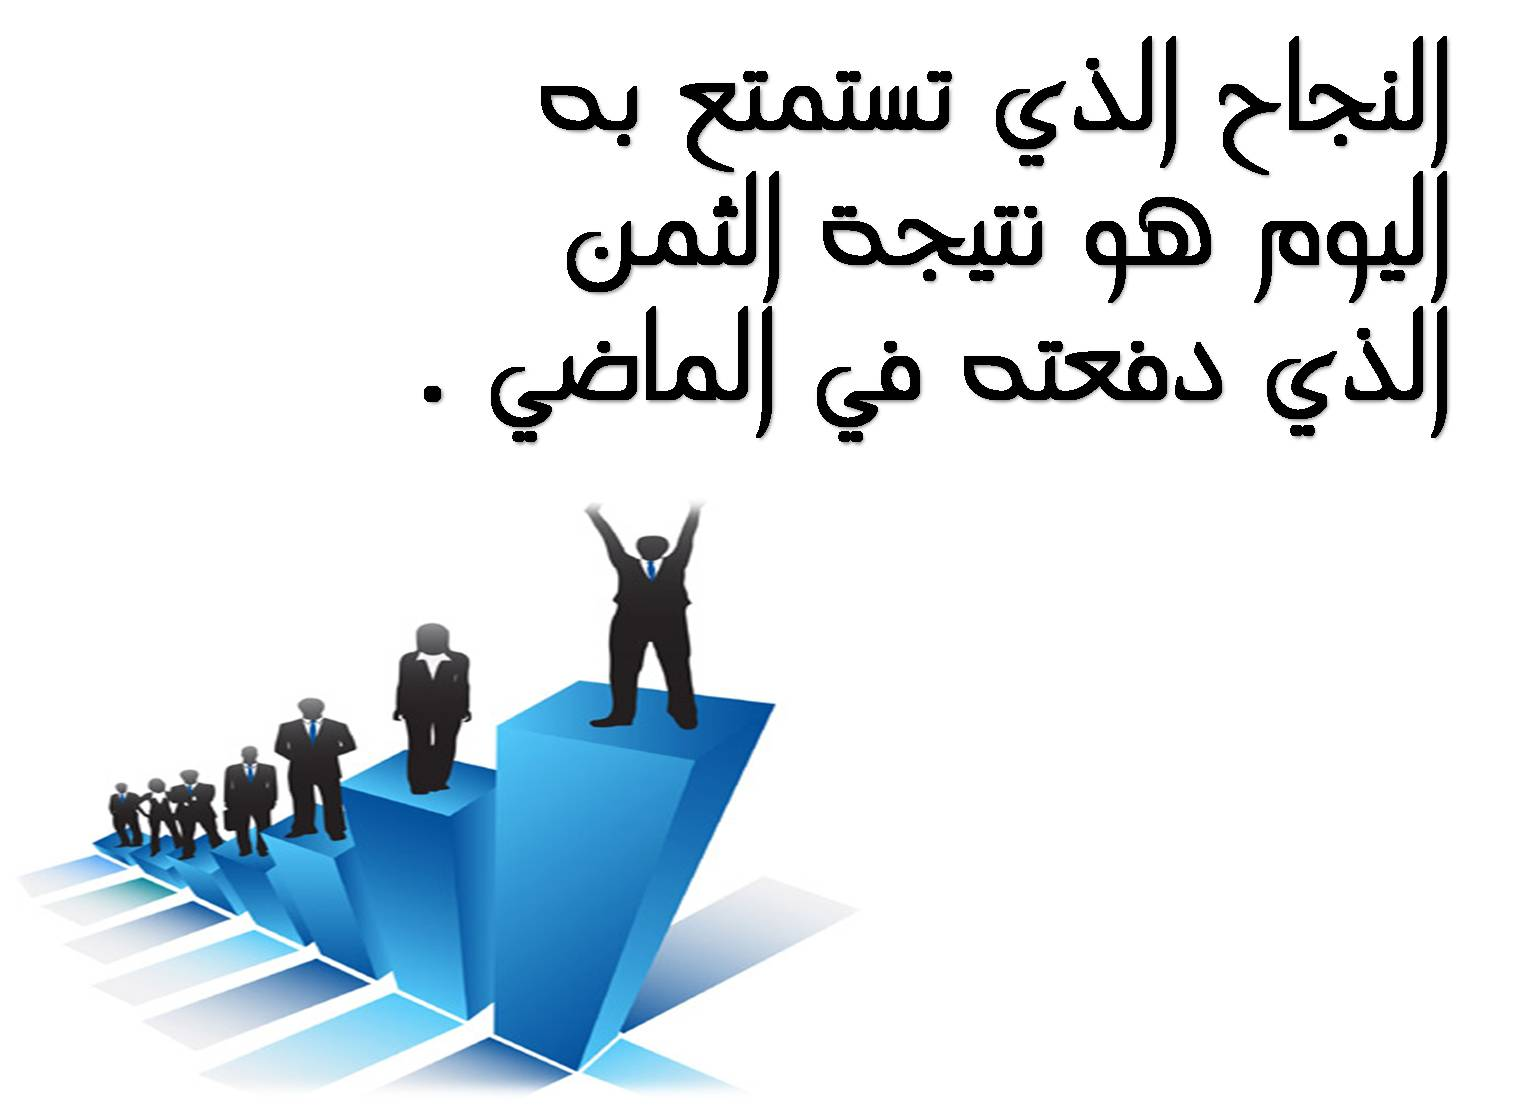 صورة حكم عن النجاح والتفوق , اجمل ما قاله الحكماء عن النجاح